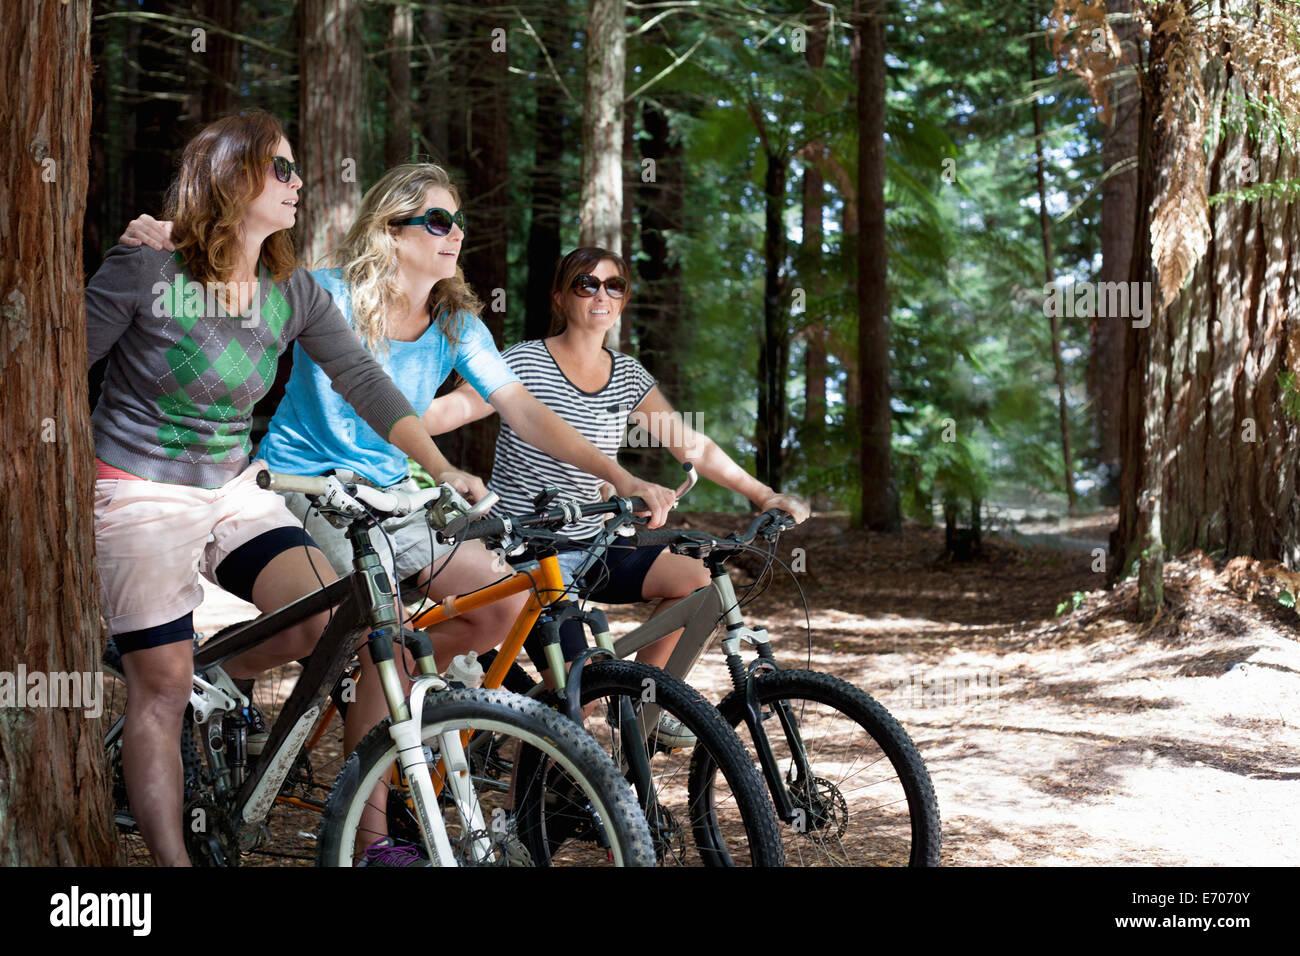 Portrait de trois femmes du vélo de montagne dans la forêt Photo Stock